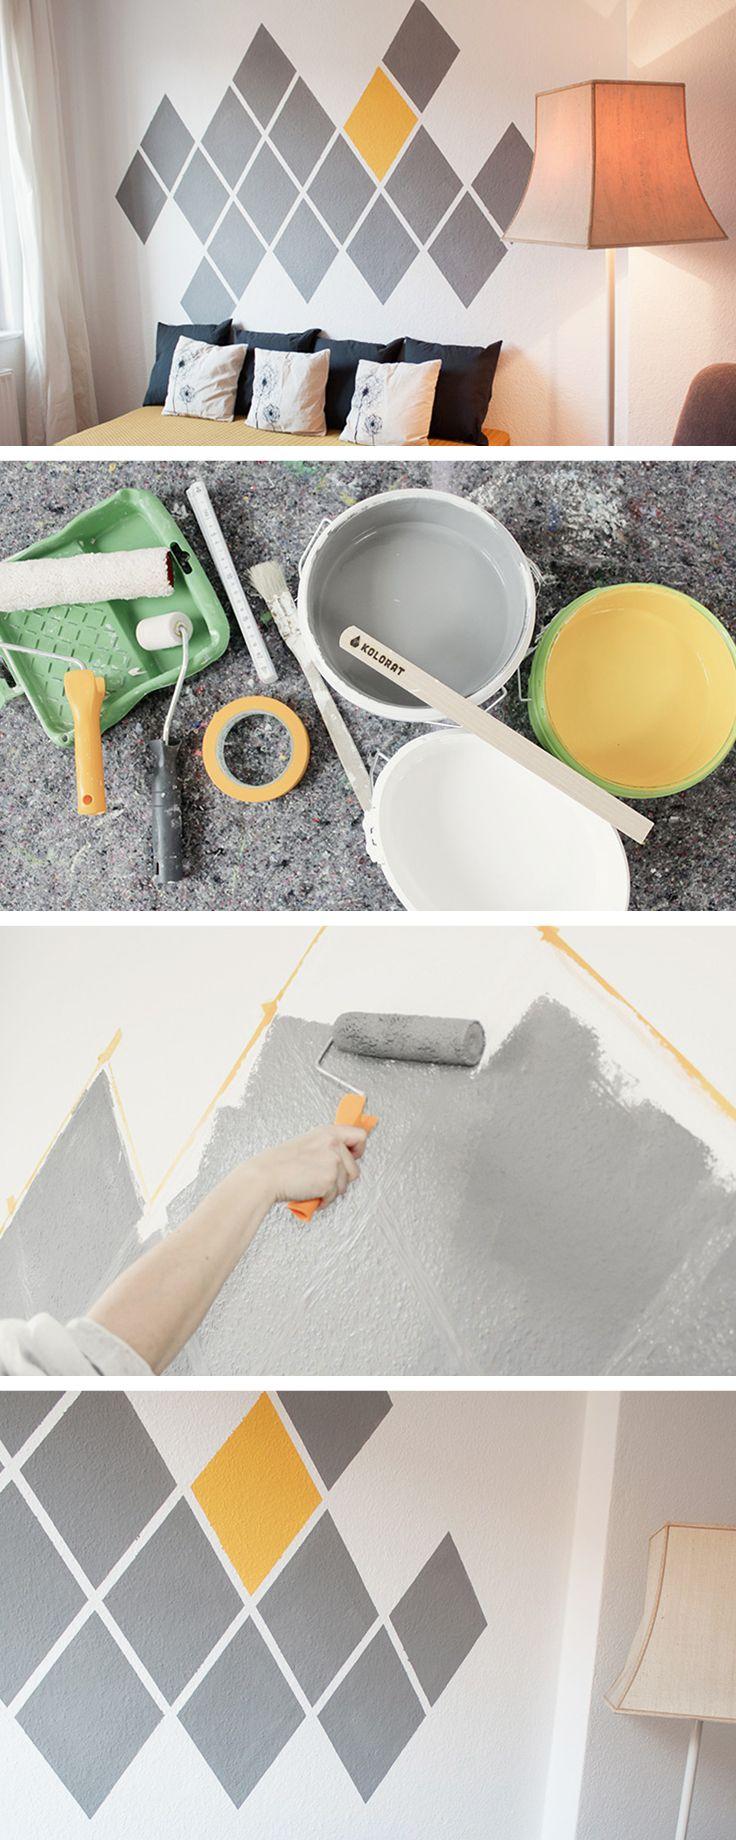 Tutoriales diy c mo pintar una pared con patr n de - Disenos para pintar paredes ...